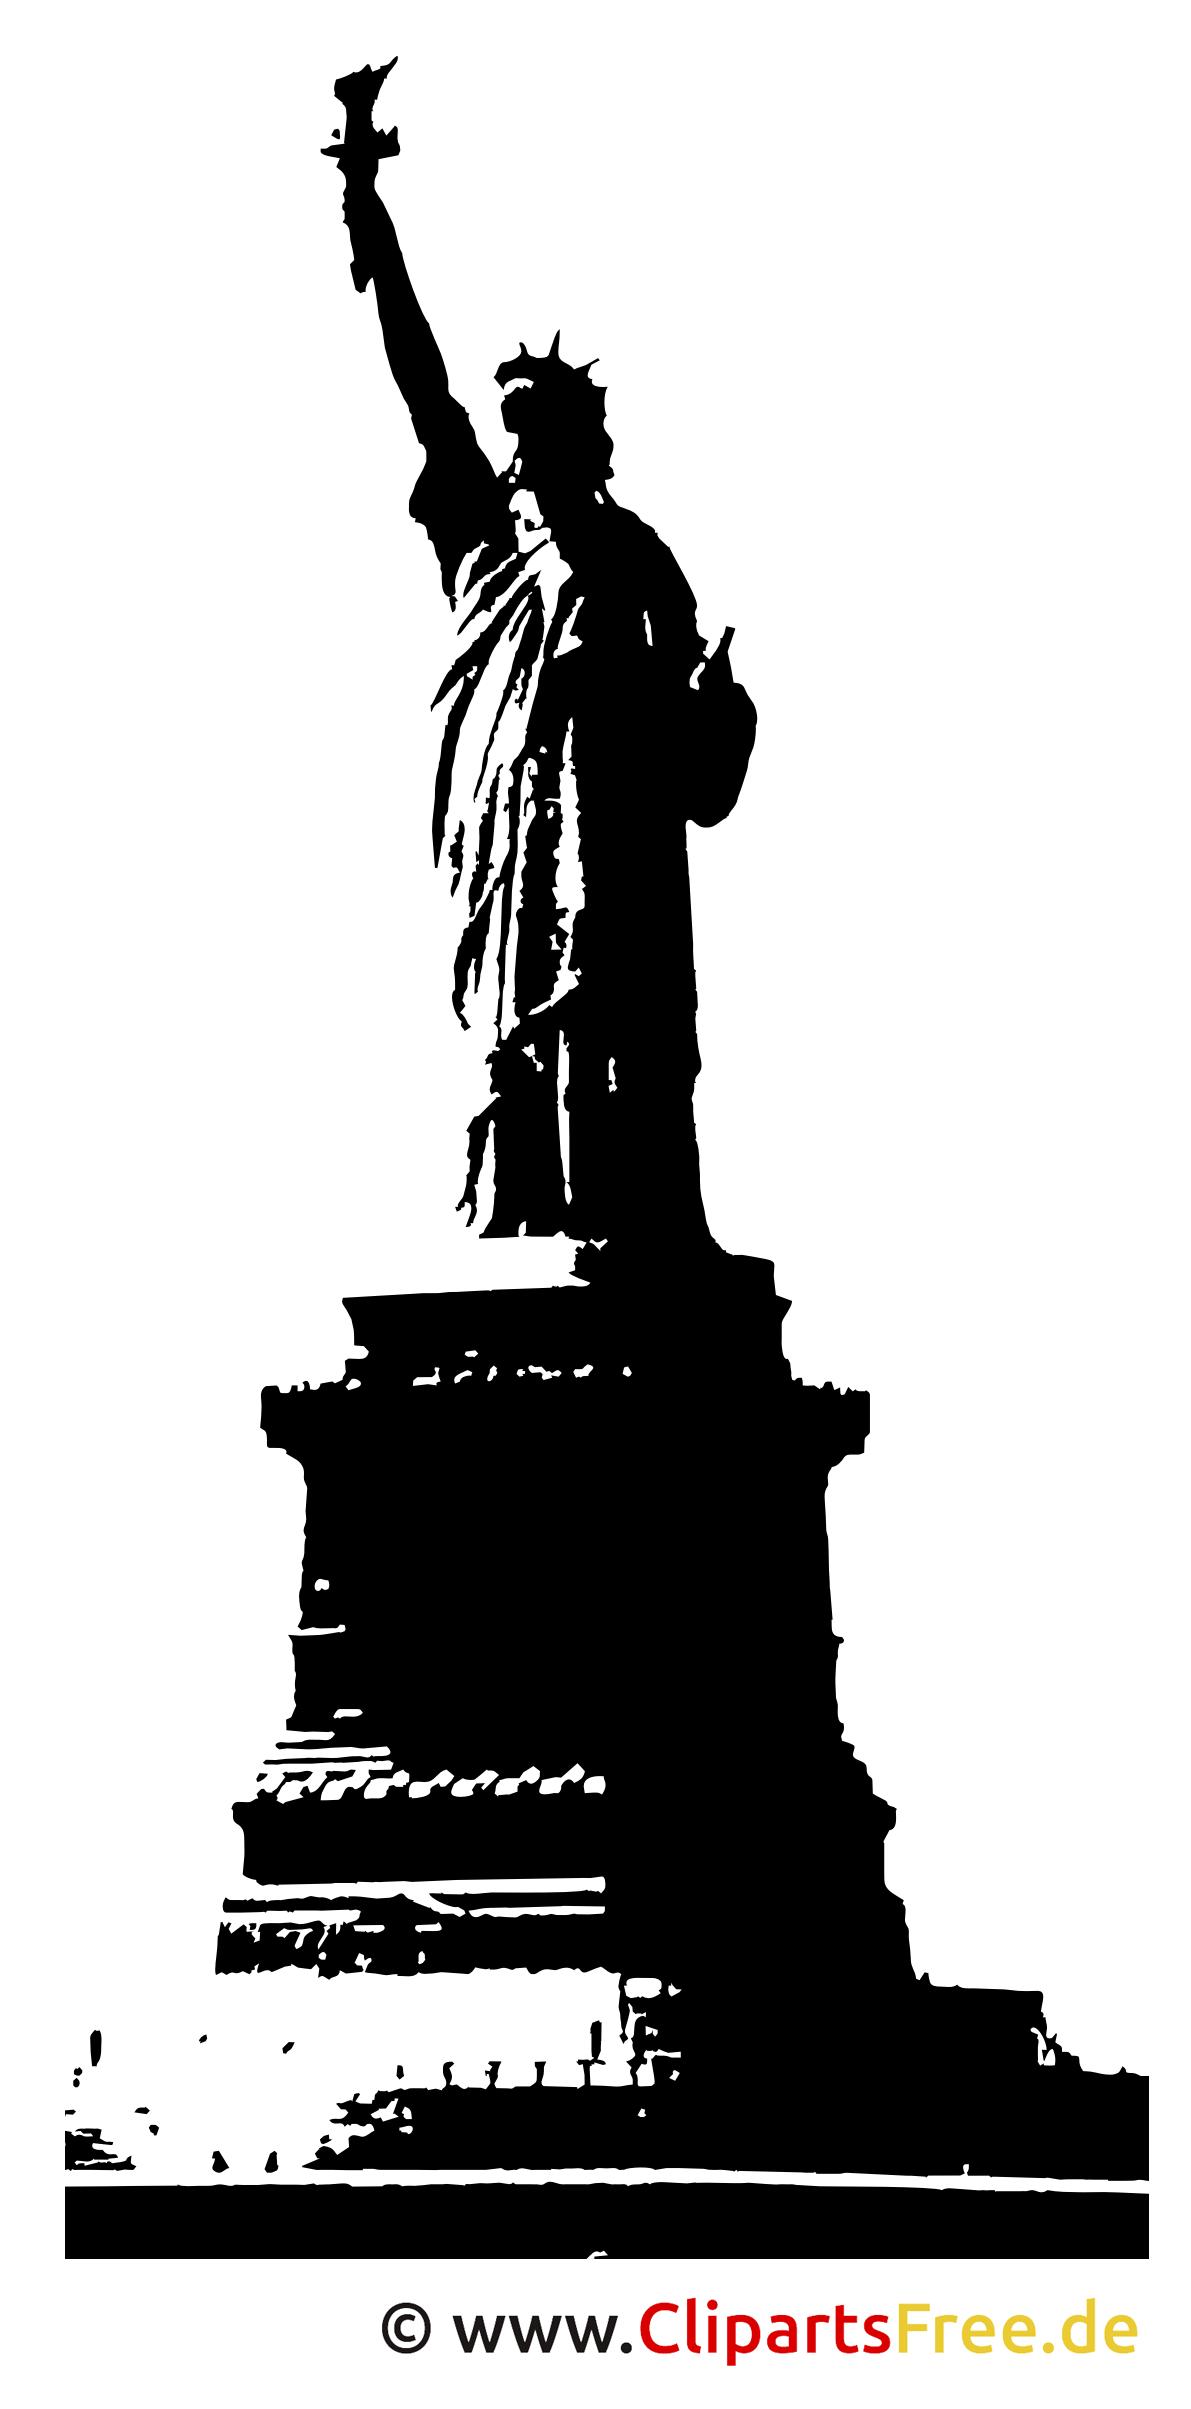 Freiheitsstatue Clipart